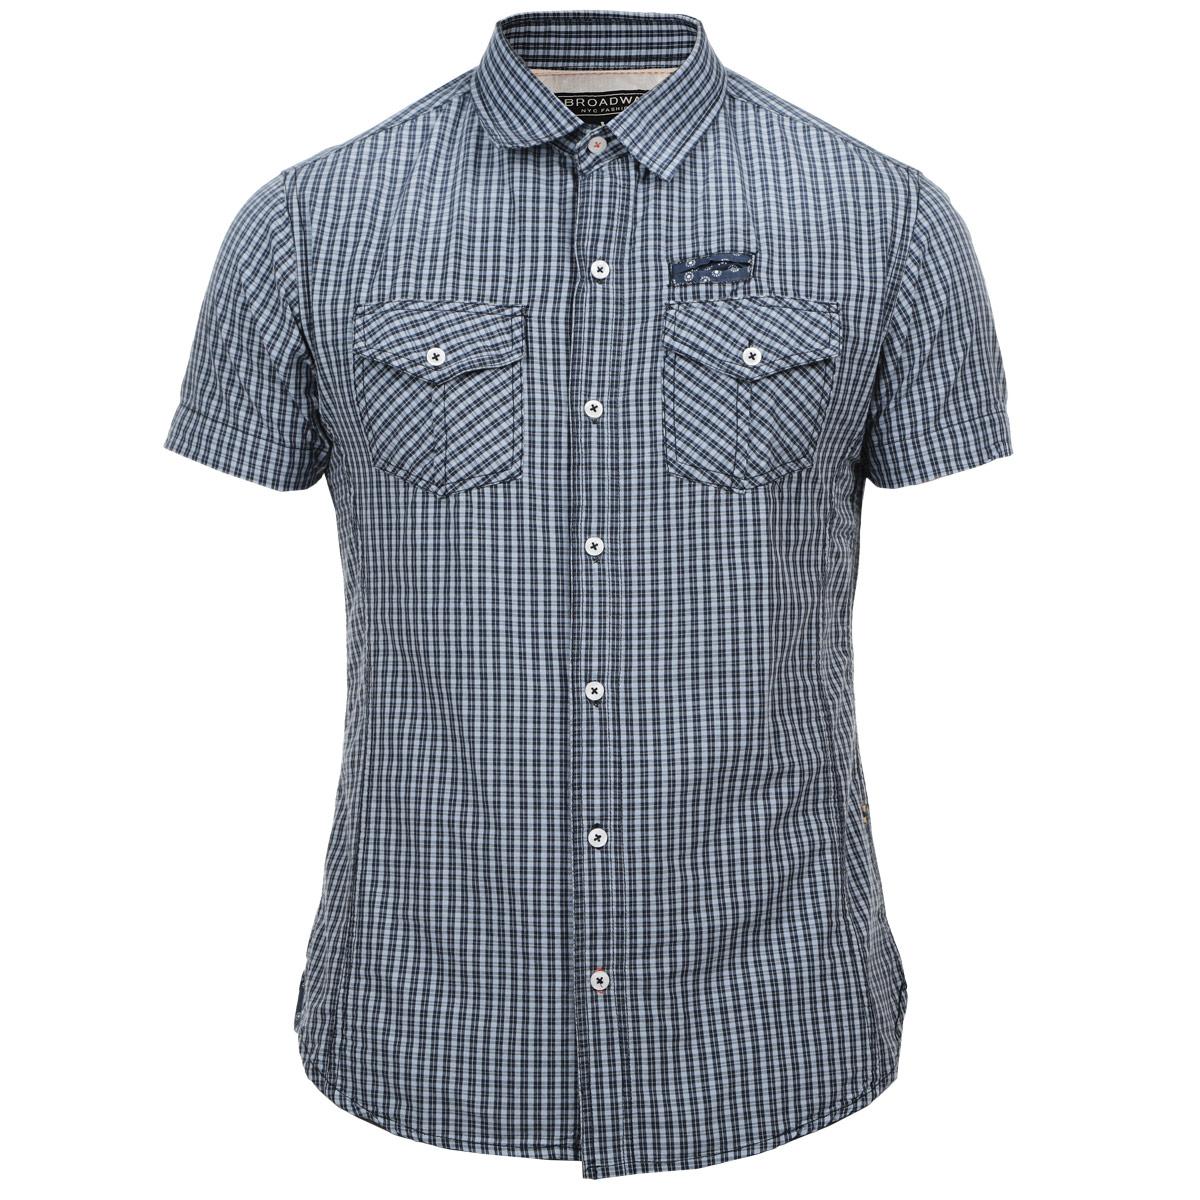 Рубашка мужская. 1015255910152559 00GСтильная мужская рубашка Broadway, изготовленная из высококачественного материала, необычайно мягкая и приятная на ощупь, не сковывает движения и позволяет коже дышать, обеспечивая наибольший комфорт. Модная рубашка прямого кроя с короткими рукавами, отложным воротником и полукруглым низом. Застегивается изделие на пуговицы. На груди рубашка дополнена двумя накладными карманами, закрывающимися клапанами на пуговицах, и небольшим прорезным кармашком. Эта рубашка идеальный вариант для повседневного гардероба. Такая модель порадует настоящих ценителей комфорта и практичности!